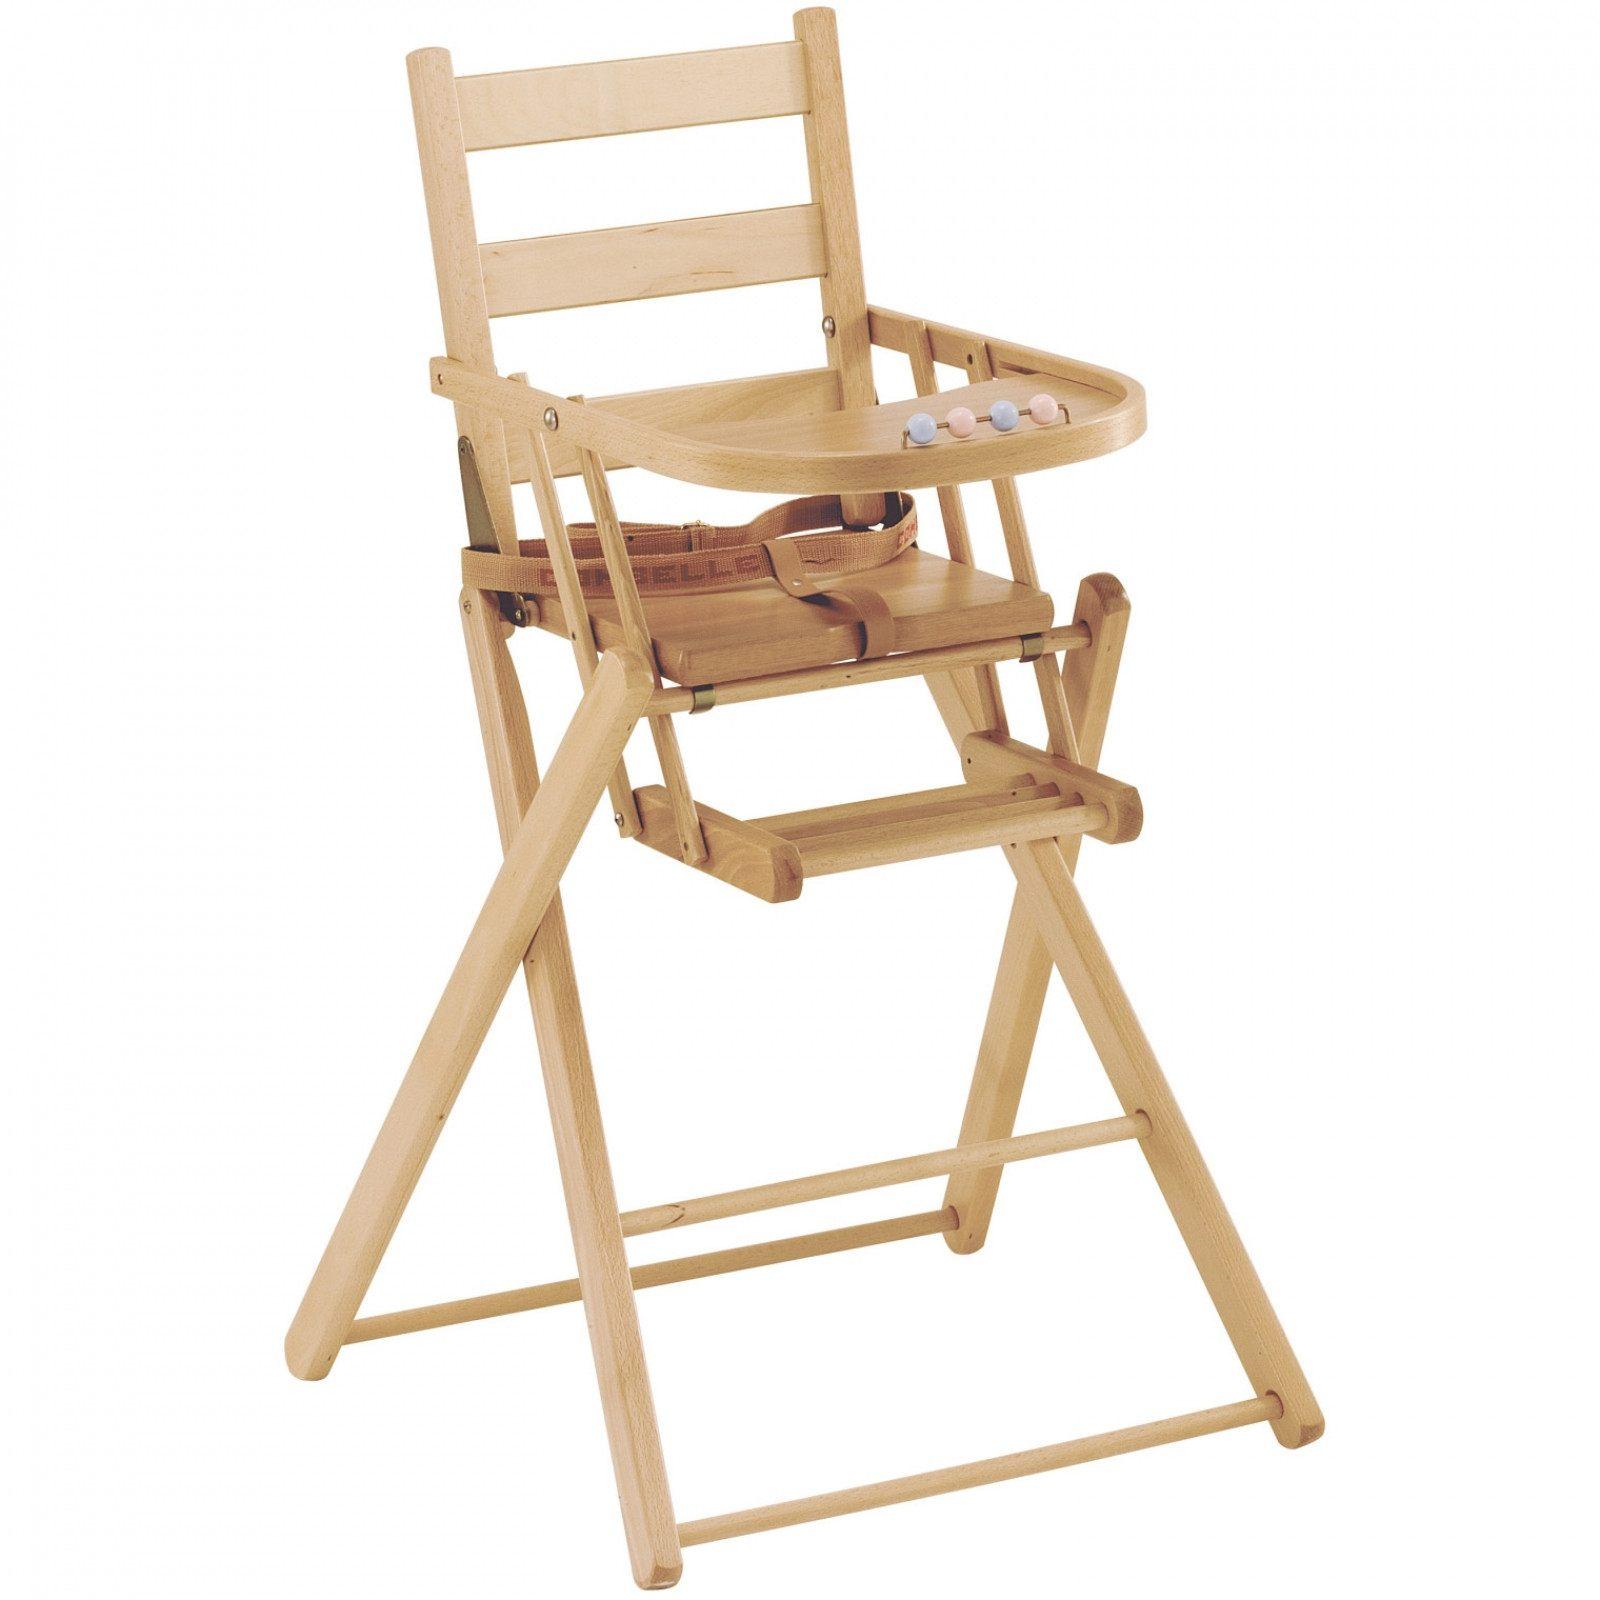 Lit De Poupee En Bois Inspiré Décoratif Chaise Haute Poupon Dans Chaise Haute Poupee Bois Chaise